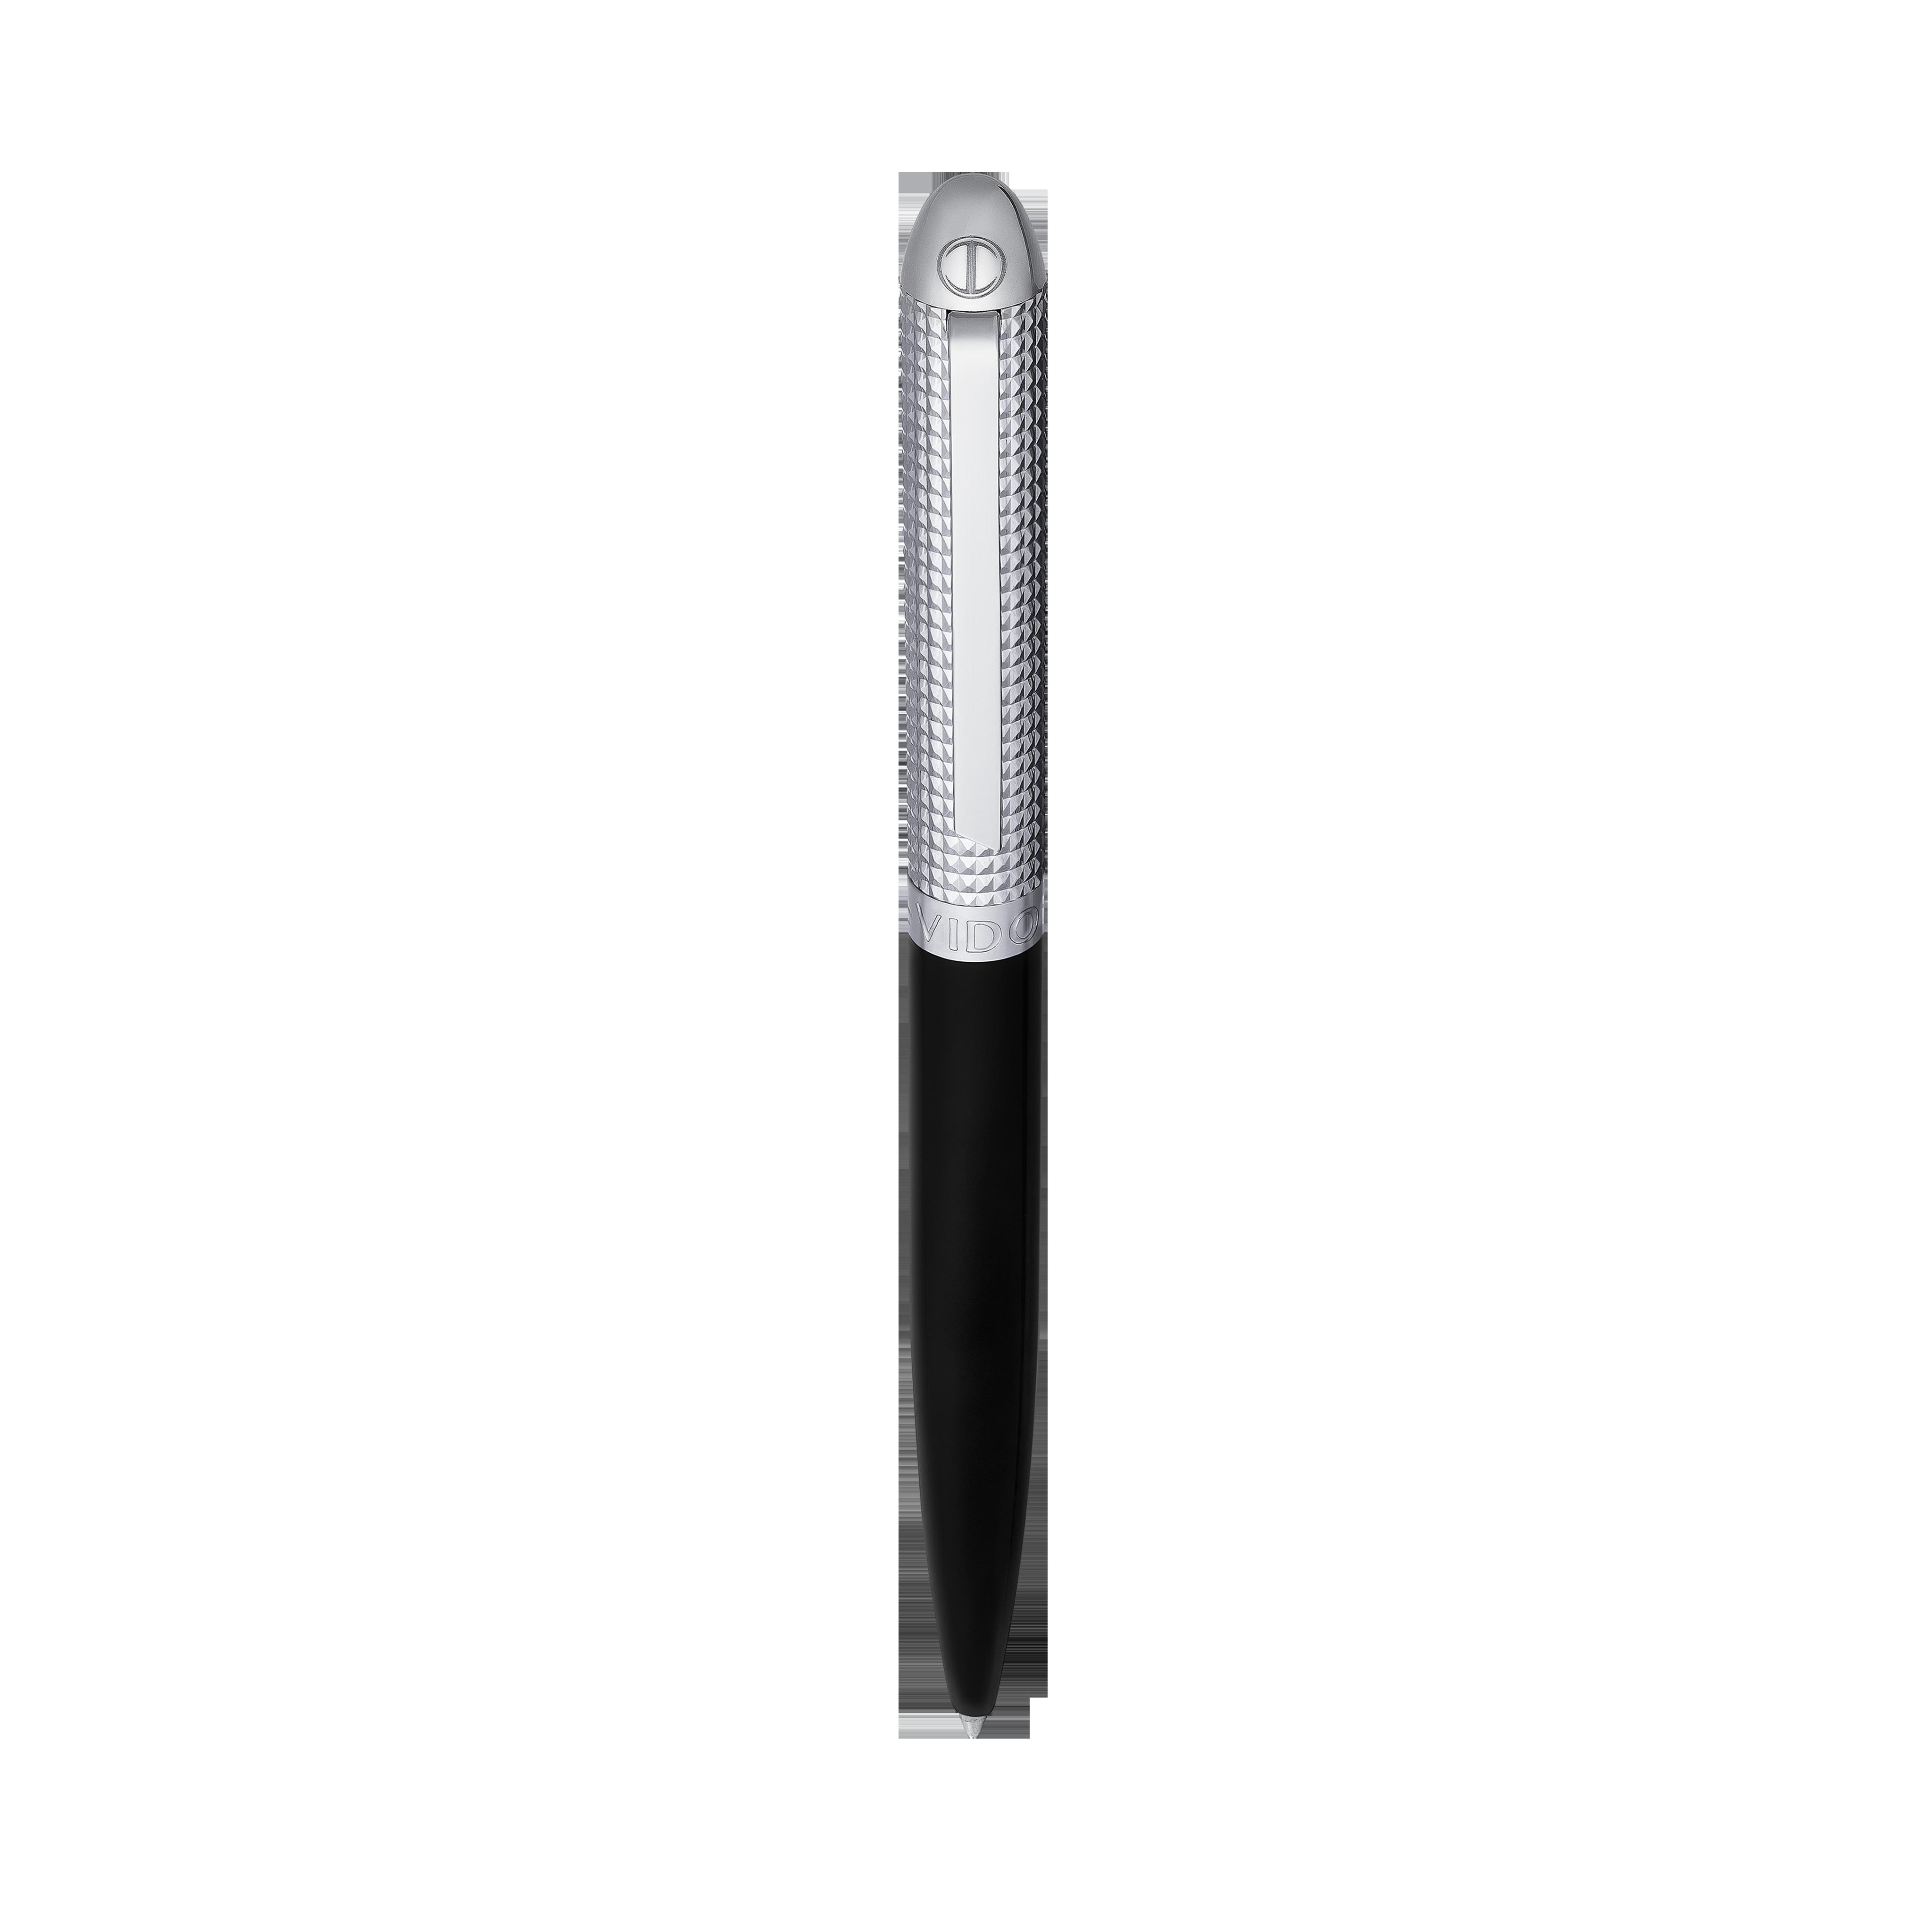 DAVIDOFF PARIS ballpoint pen